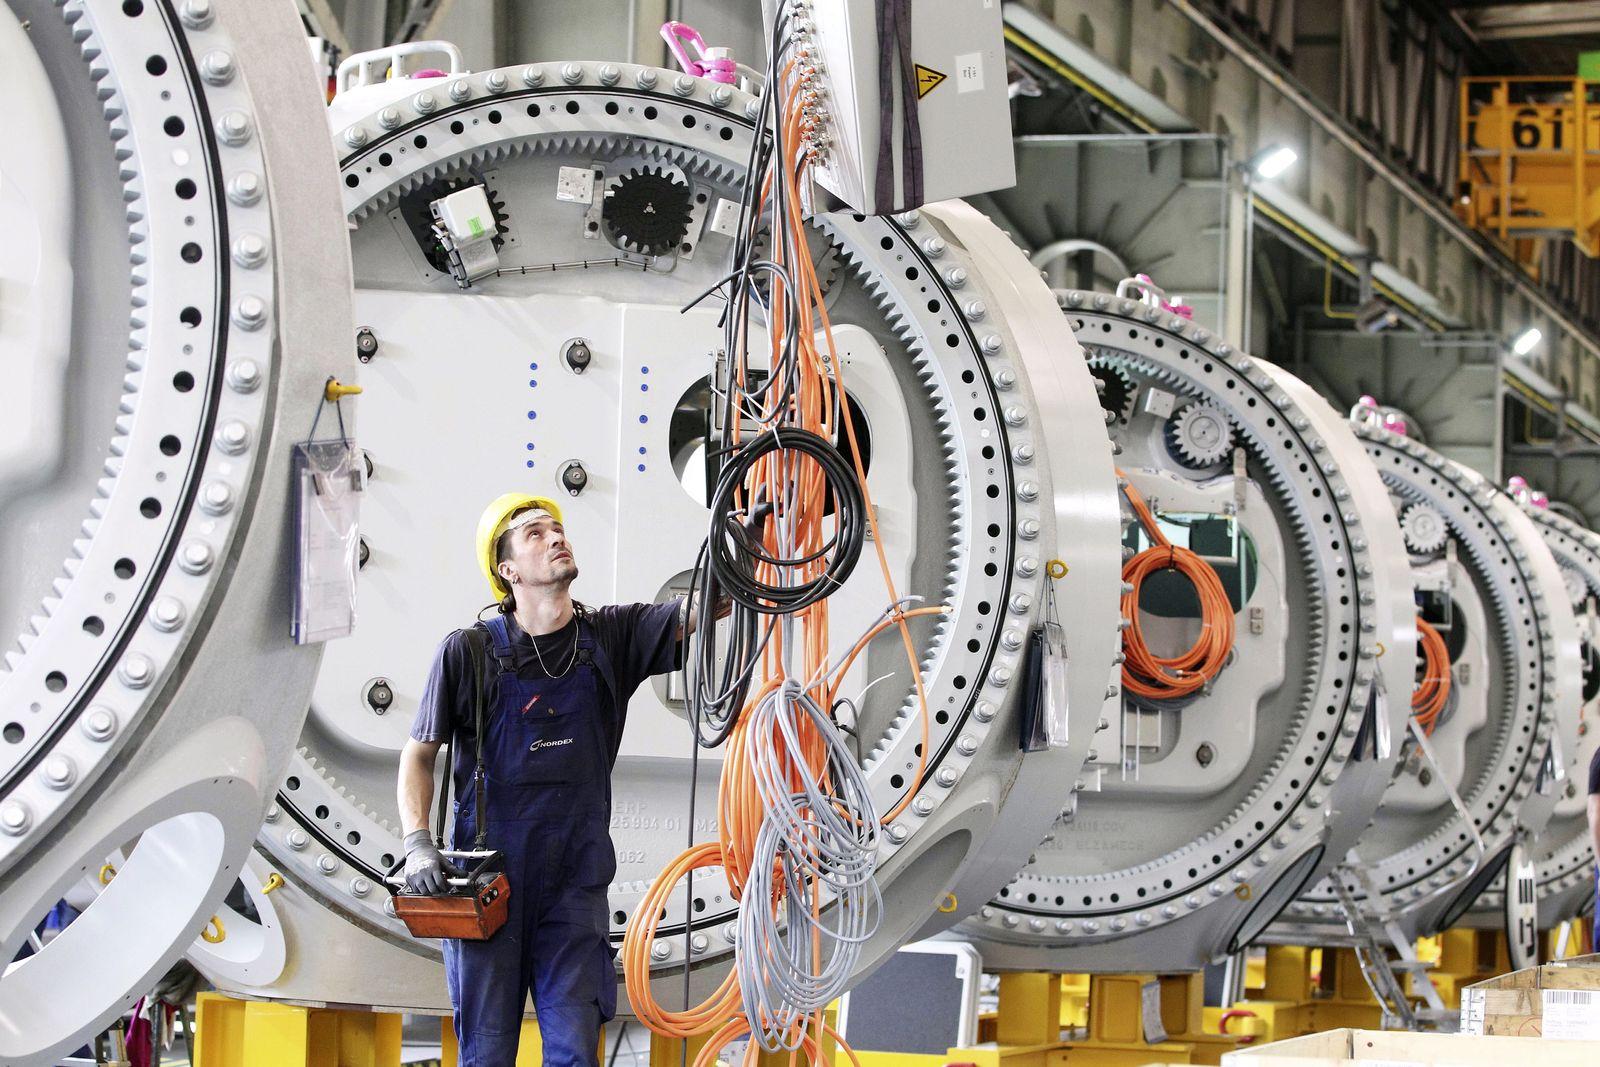 NICHT VERWENDEN Konjunktur/ Maschinenbau